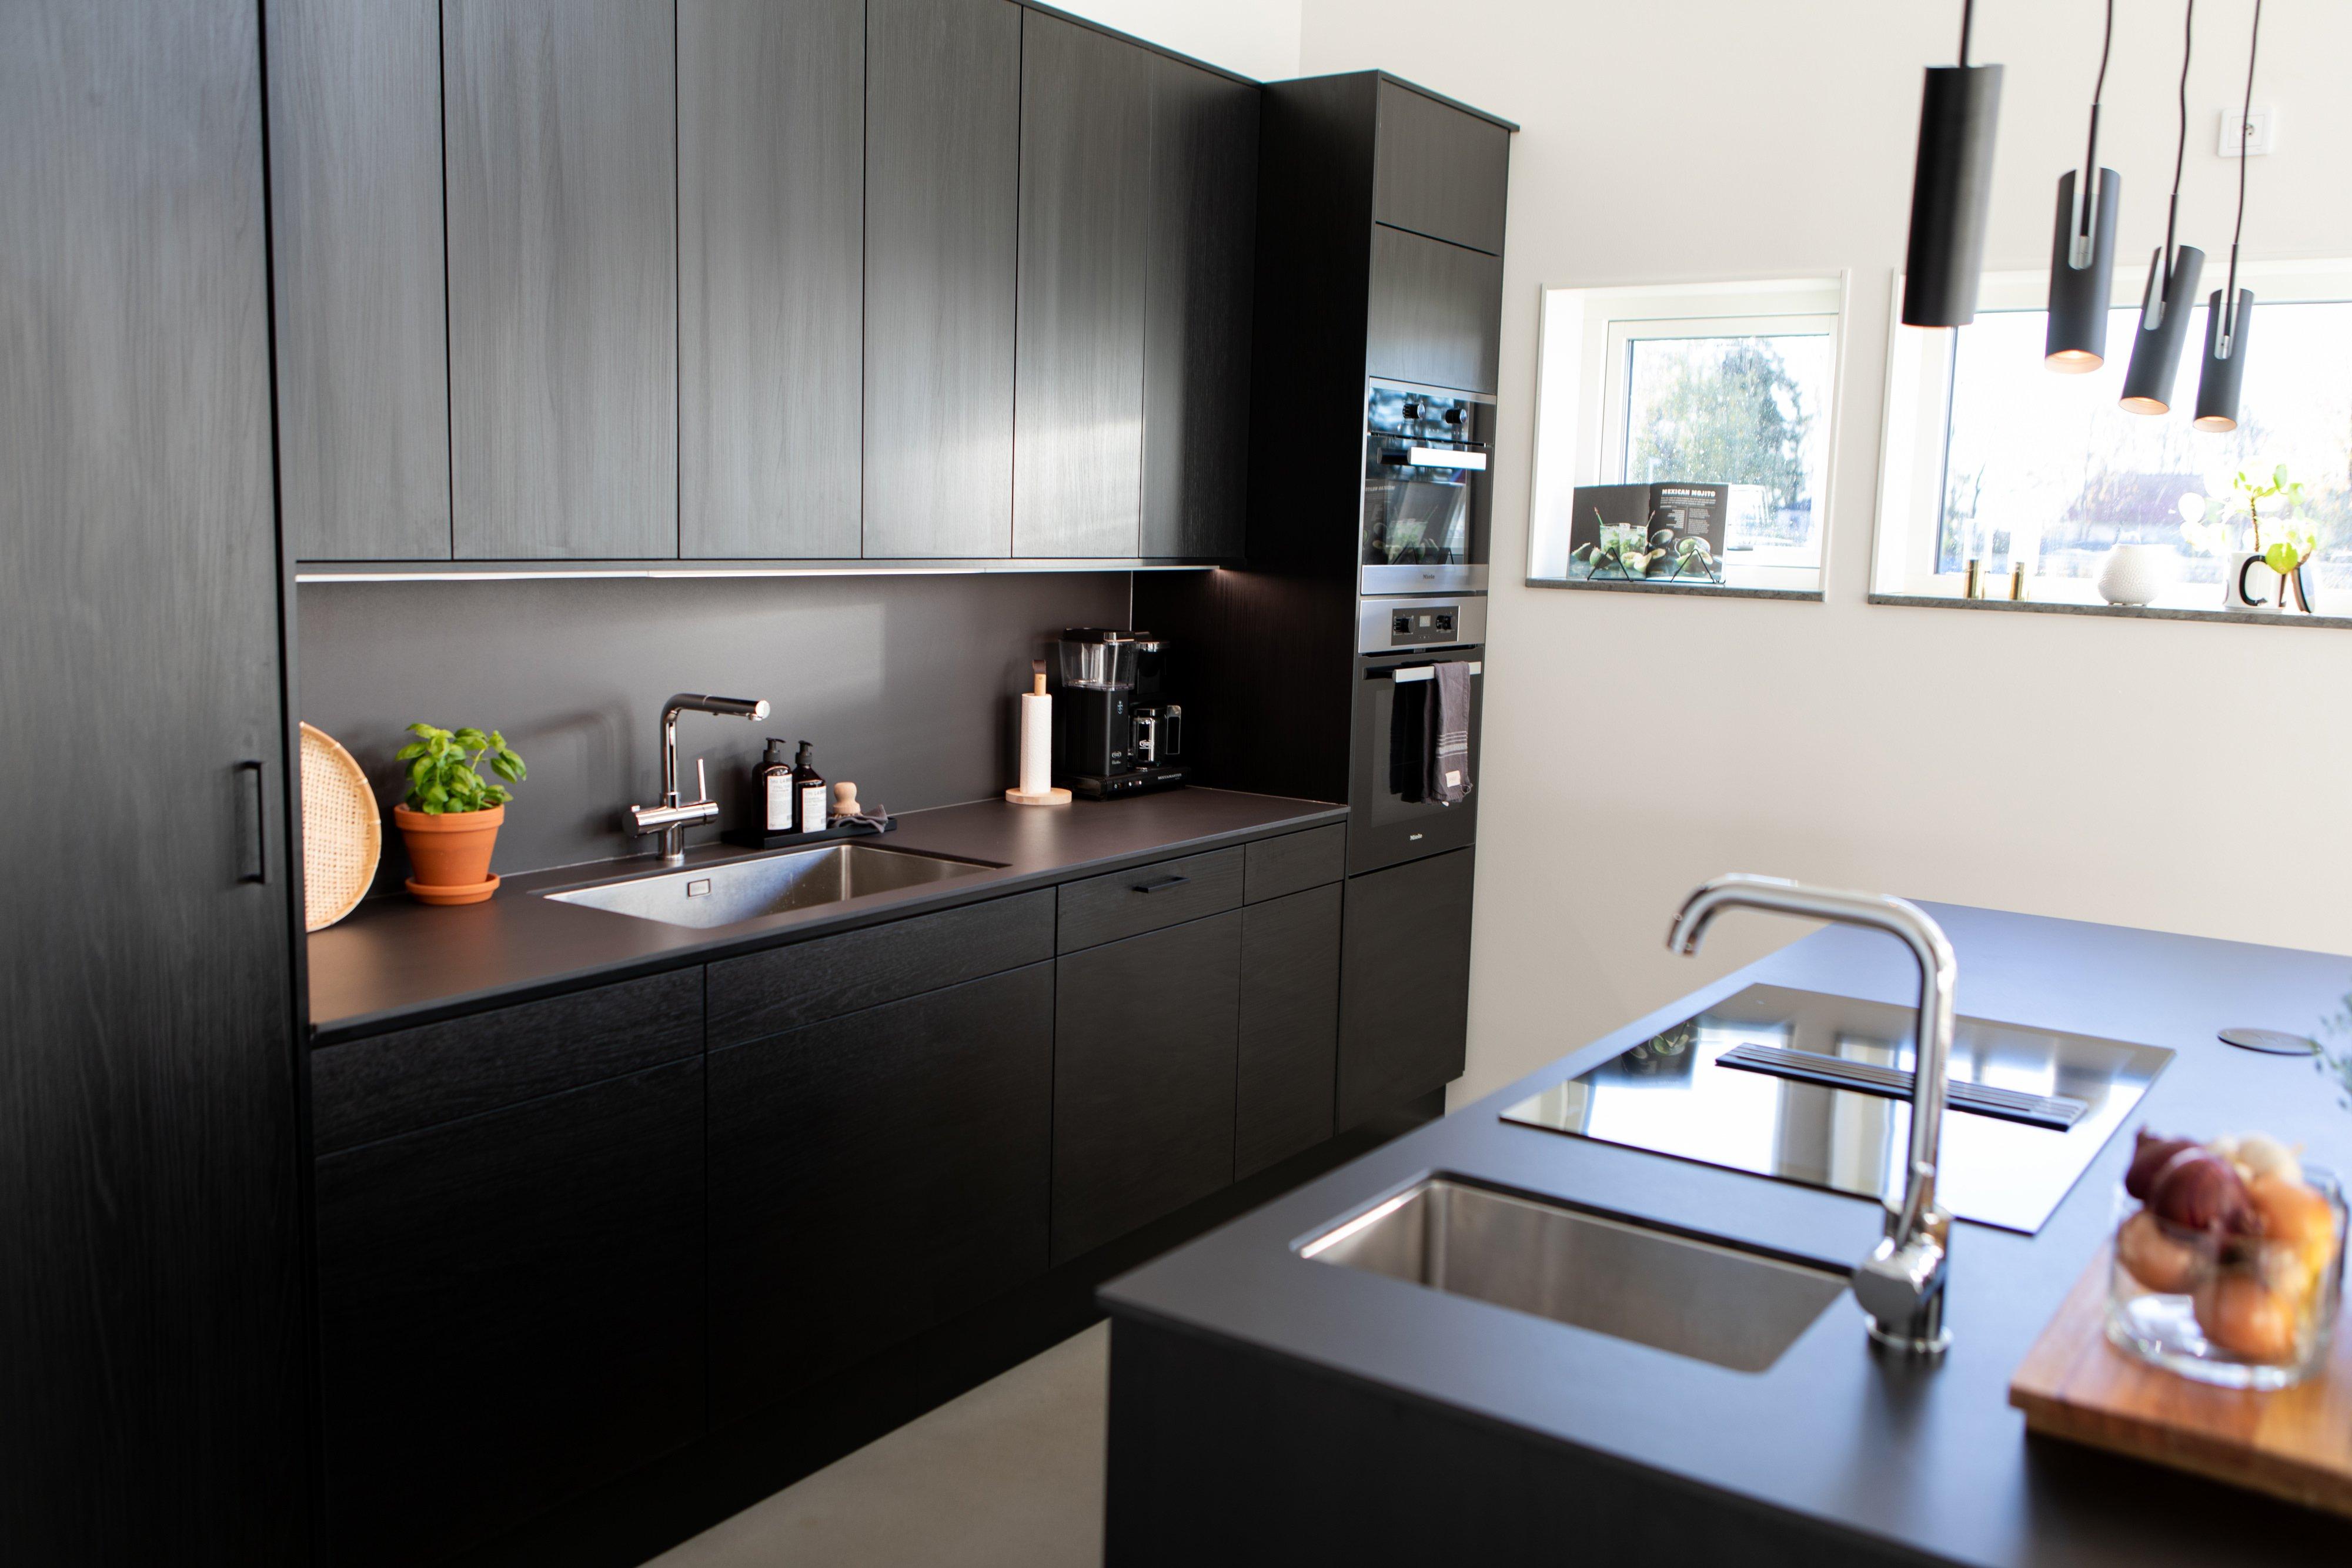 Svart stilrent kök utan synliga handtag och dold fläkt i hällen — Villa Elofsson Skövdevillan